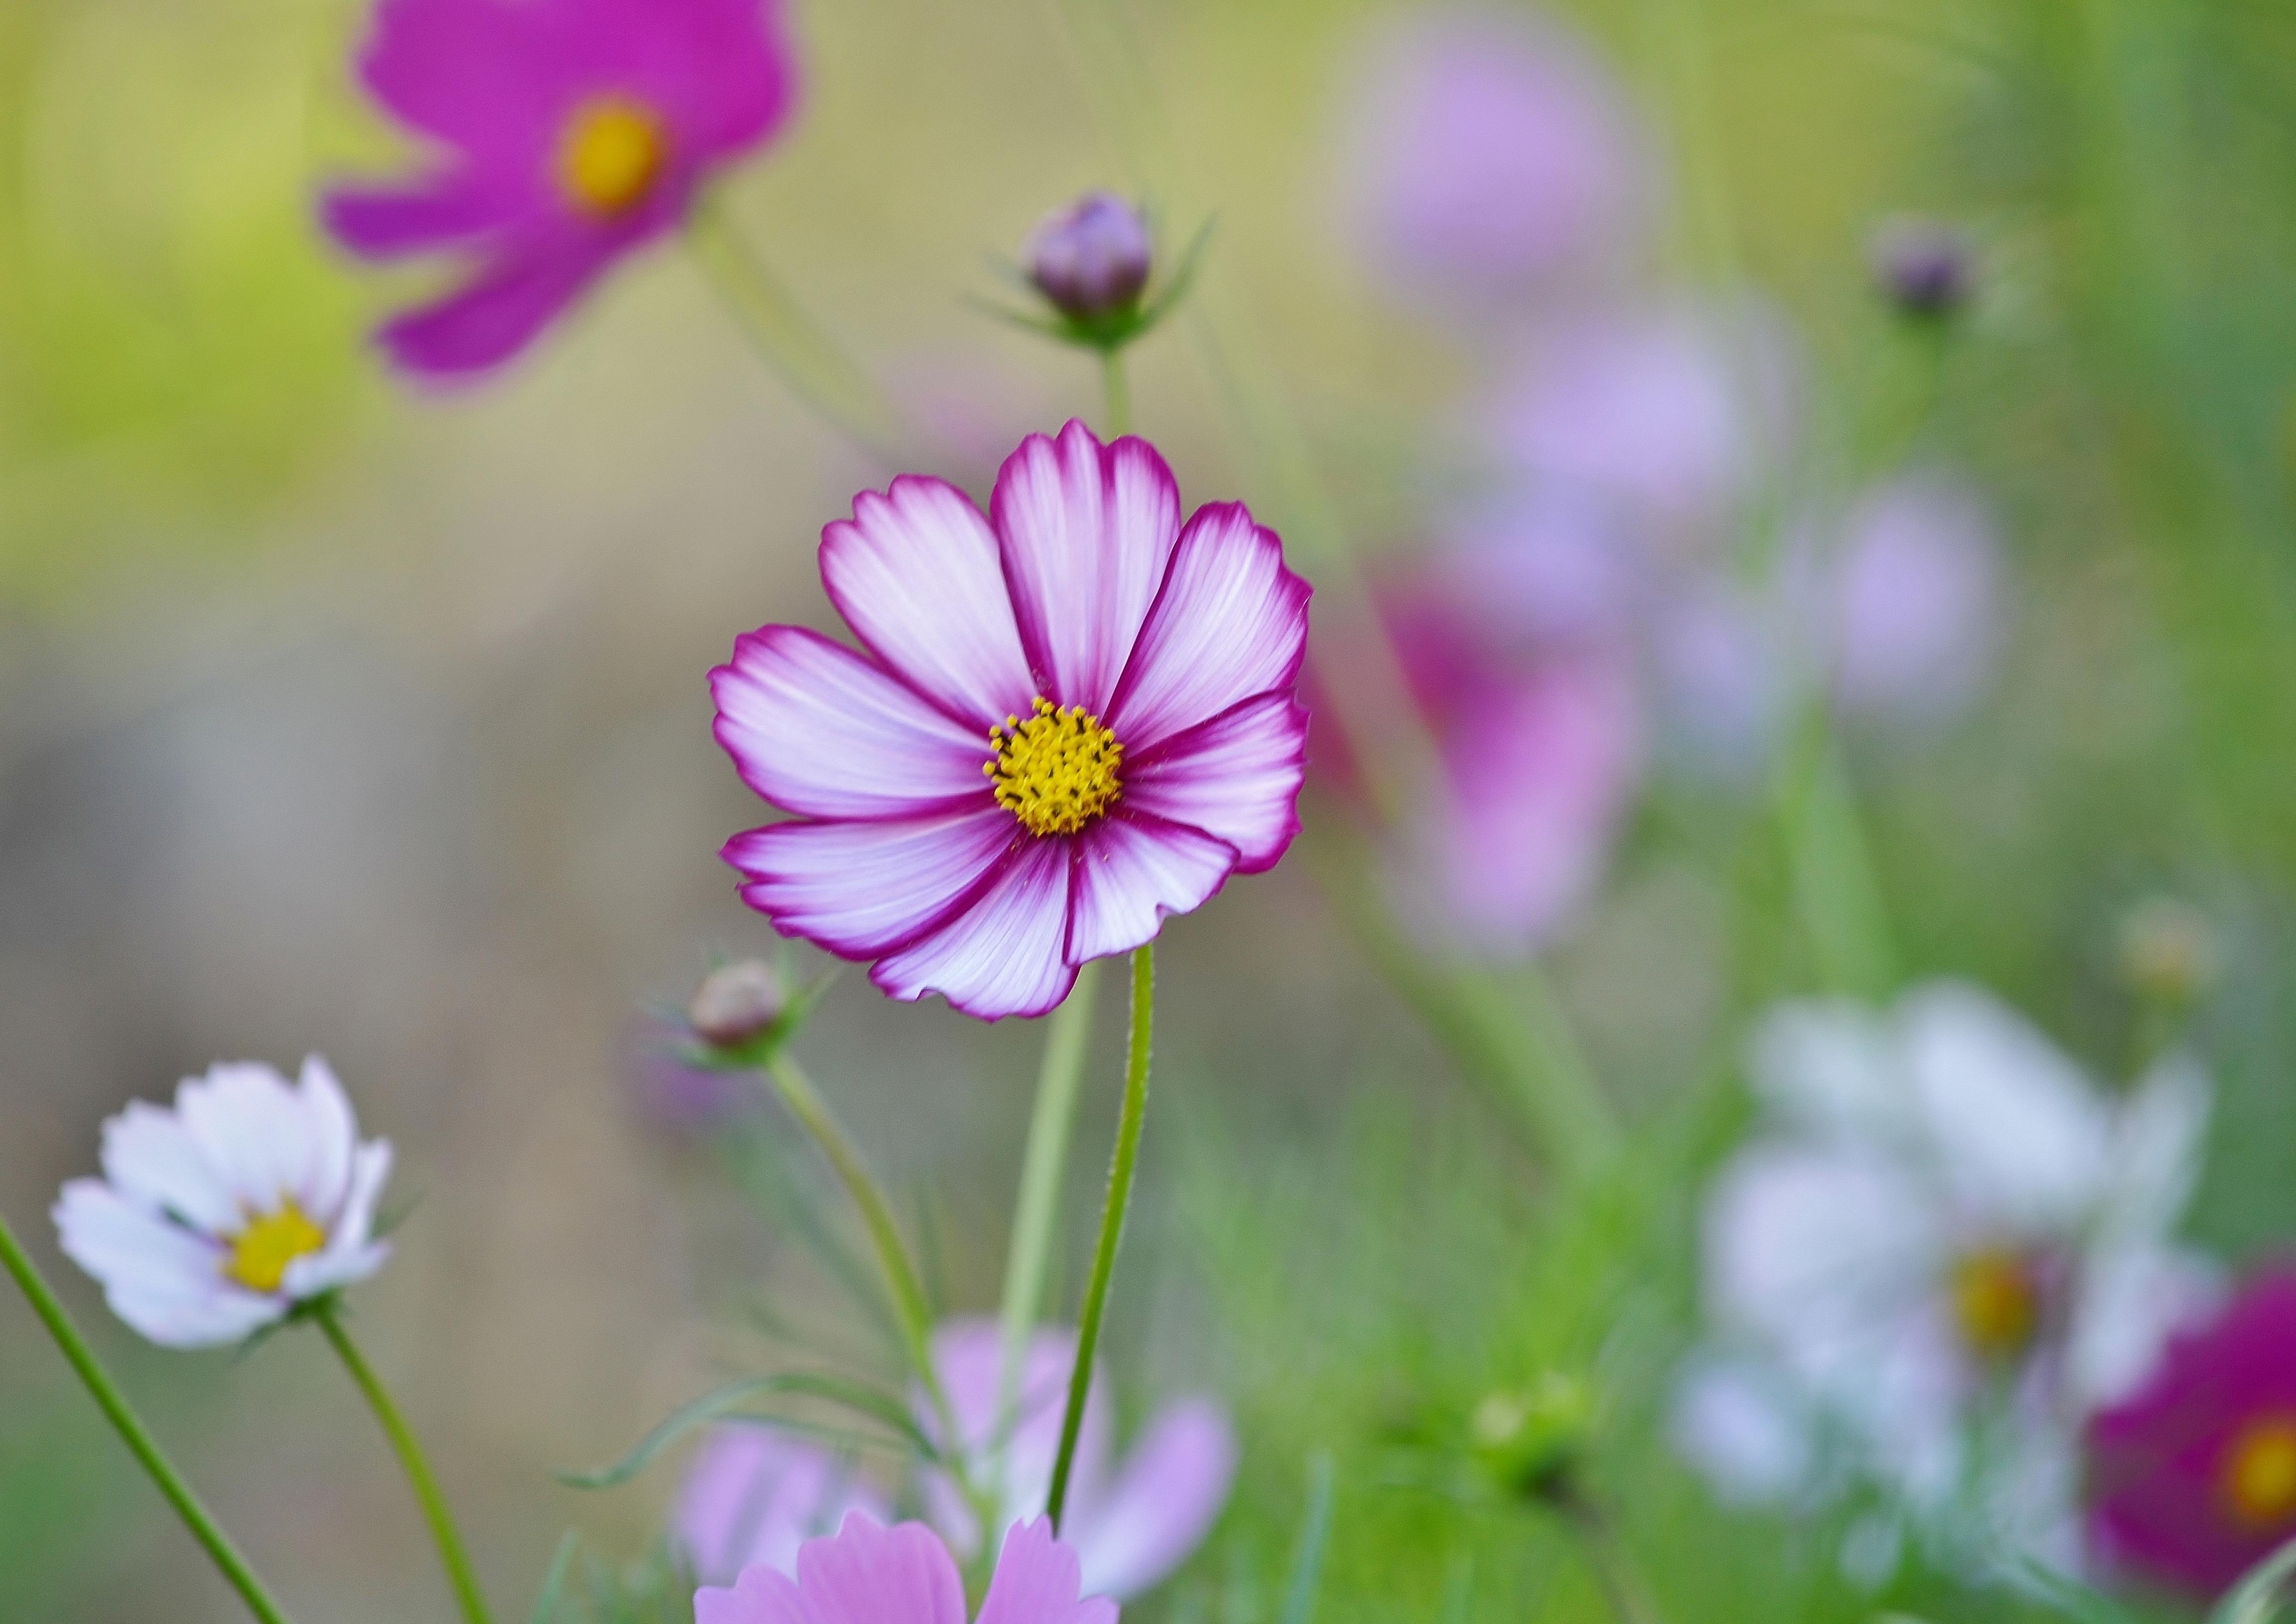 fond d 39 cran la nature champ fleur marguerite l 39 automne flore p tale prairie fleur. Black Bedroom Furniture Sets. Home Design Ideas